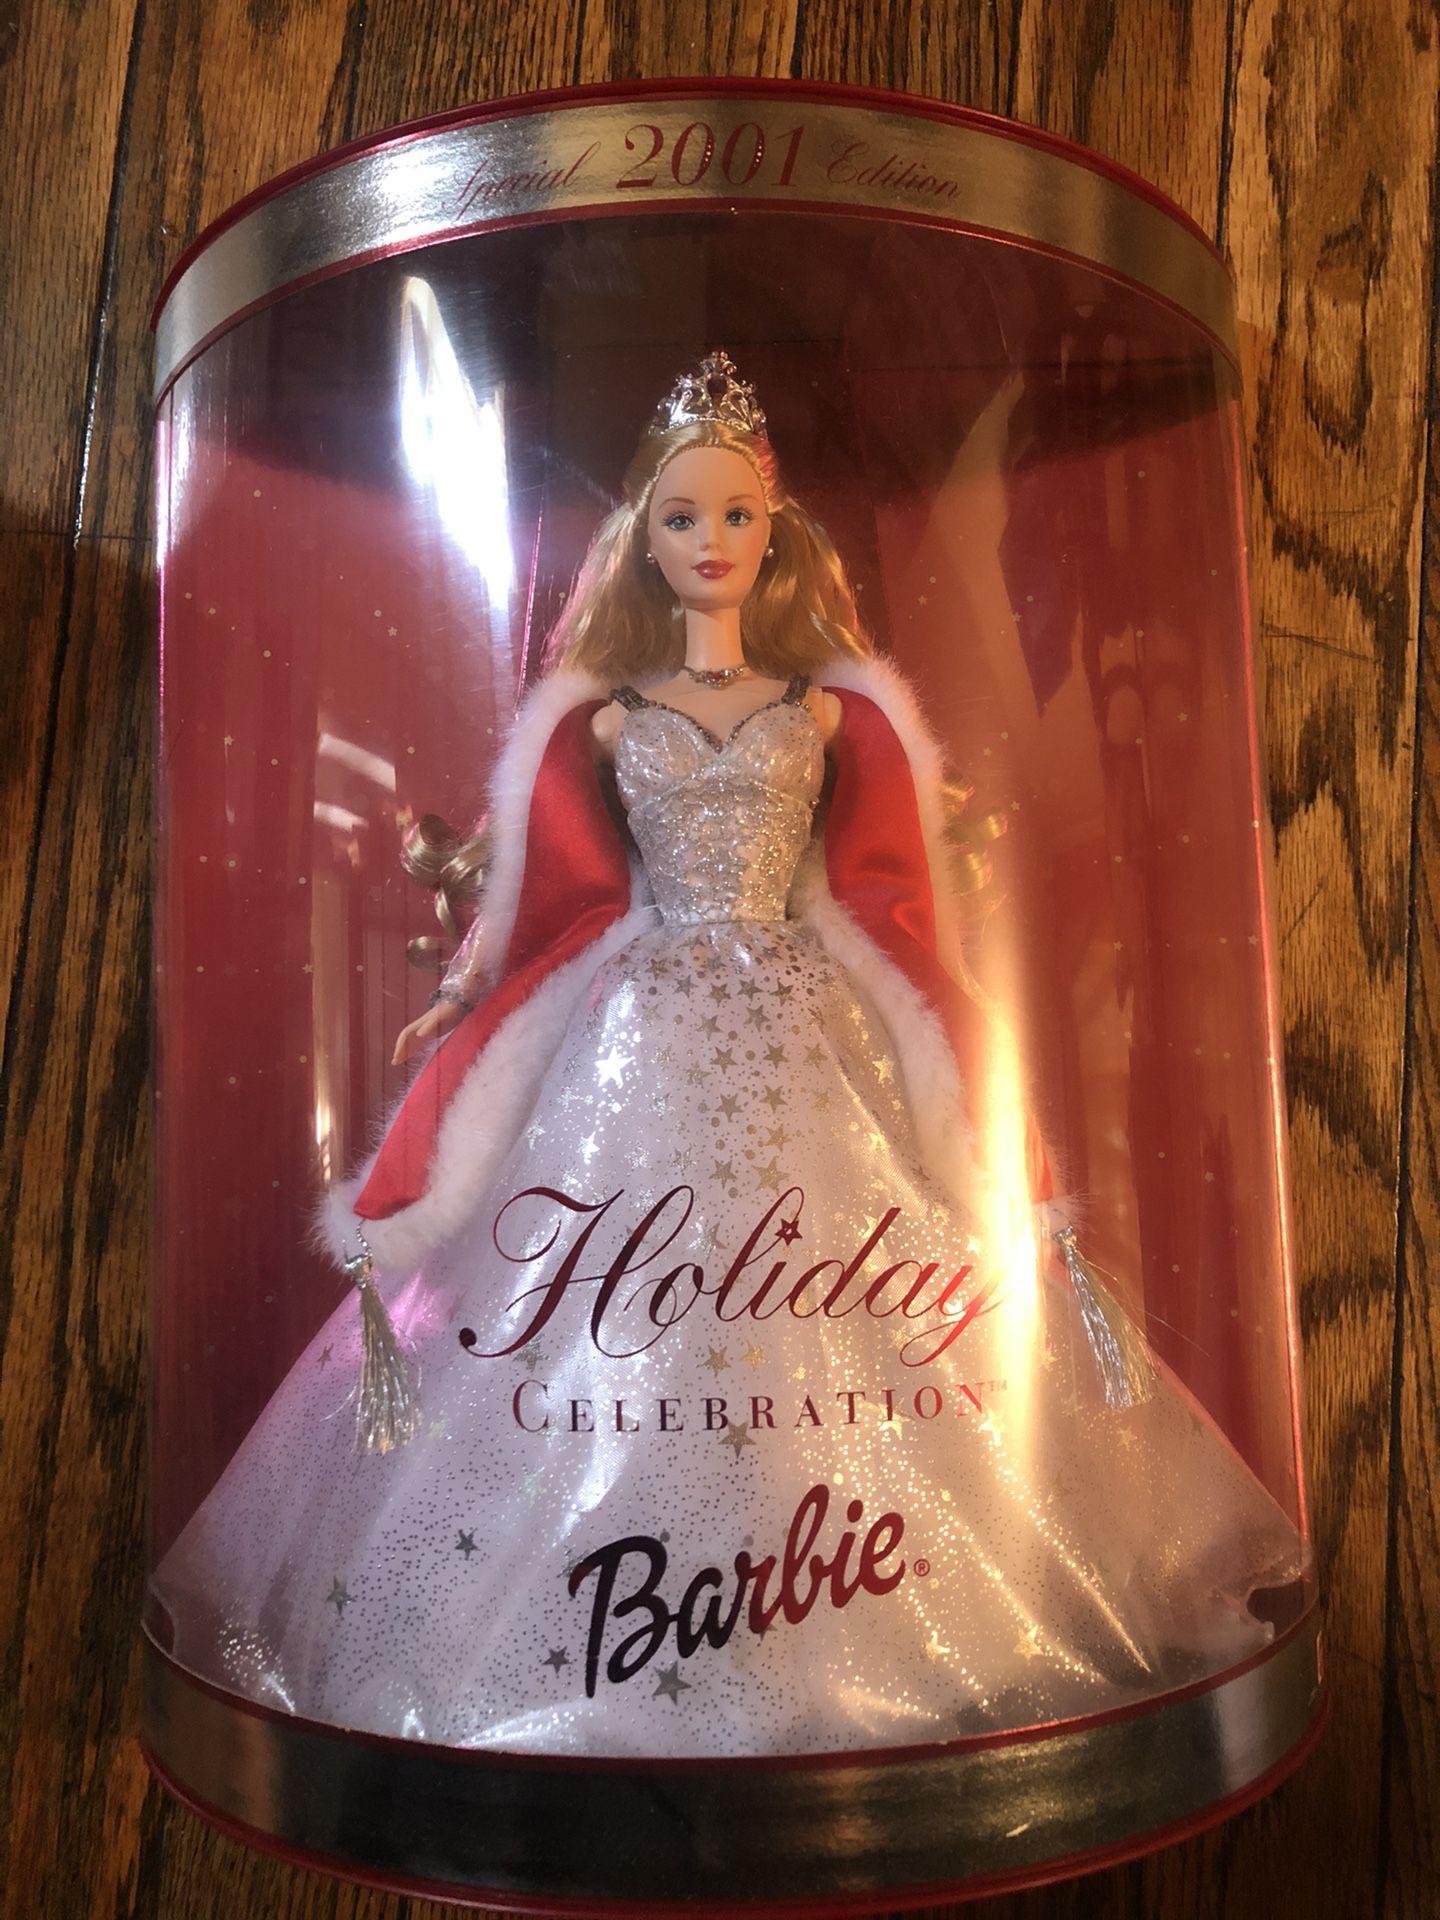 Barbie especial edition 2001 holiday celebration